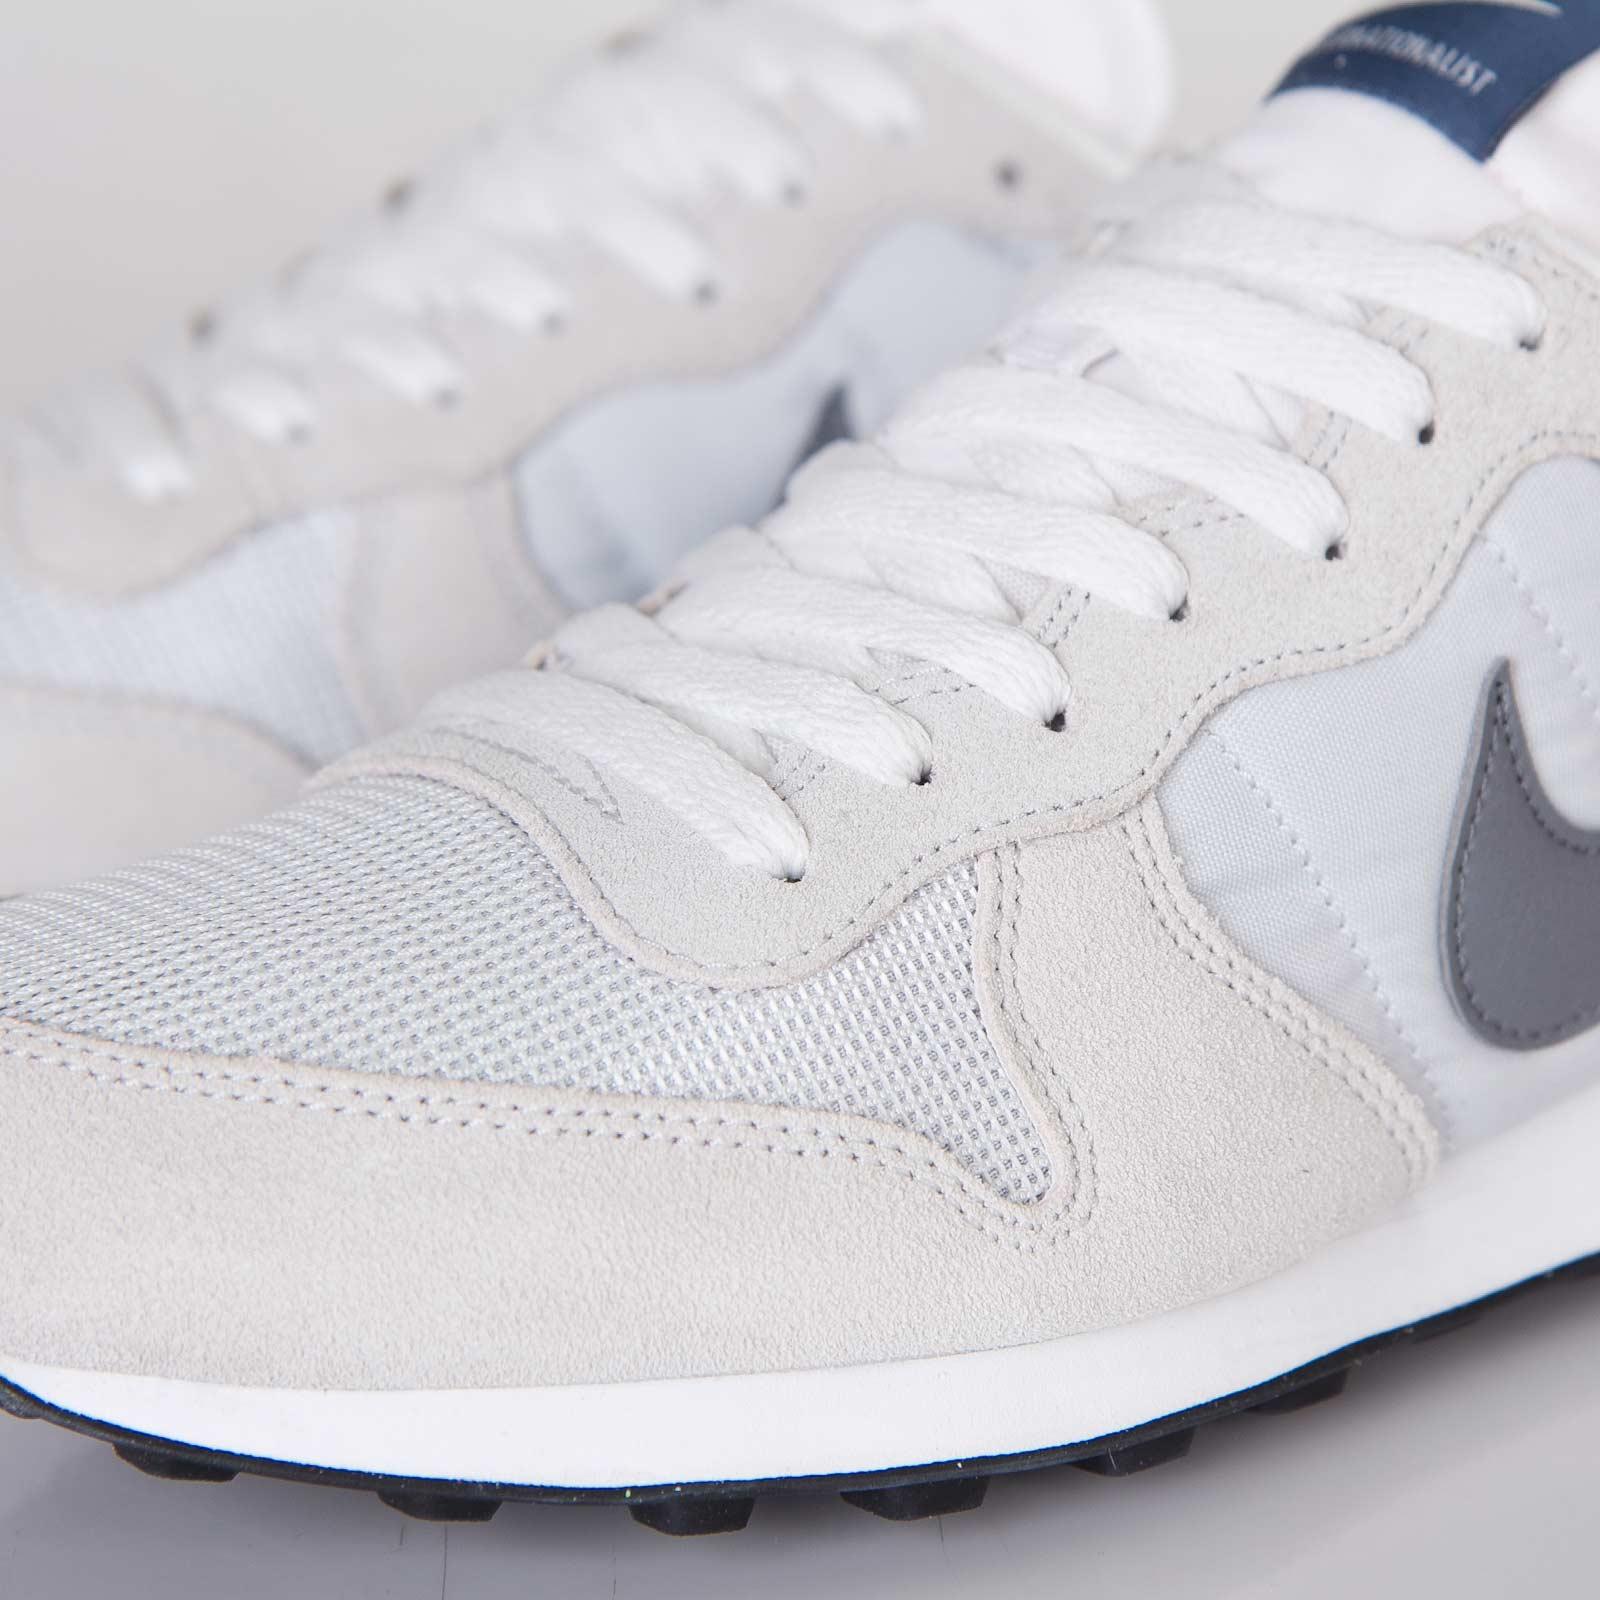 newest a54da 04d34 Nike Internationalist - 631754-002 - Sneakersnstuff   sneakers   streetwear  online since 1999